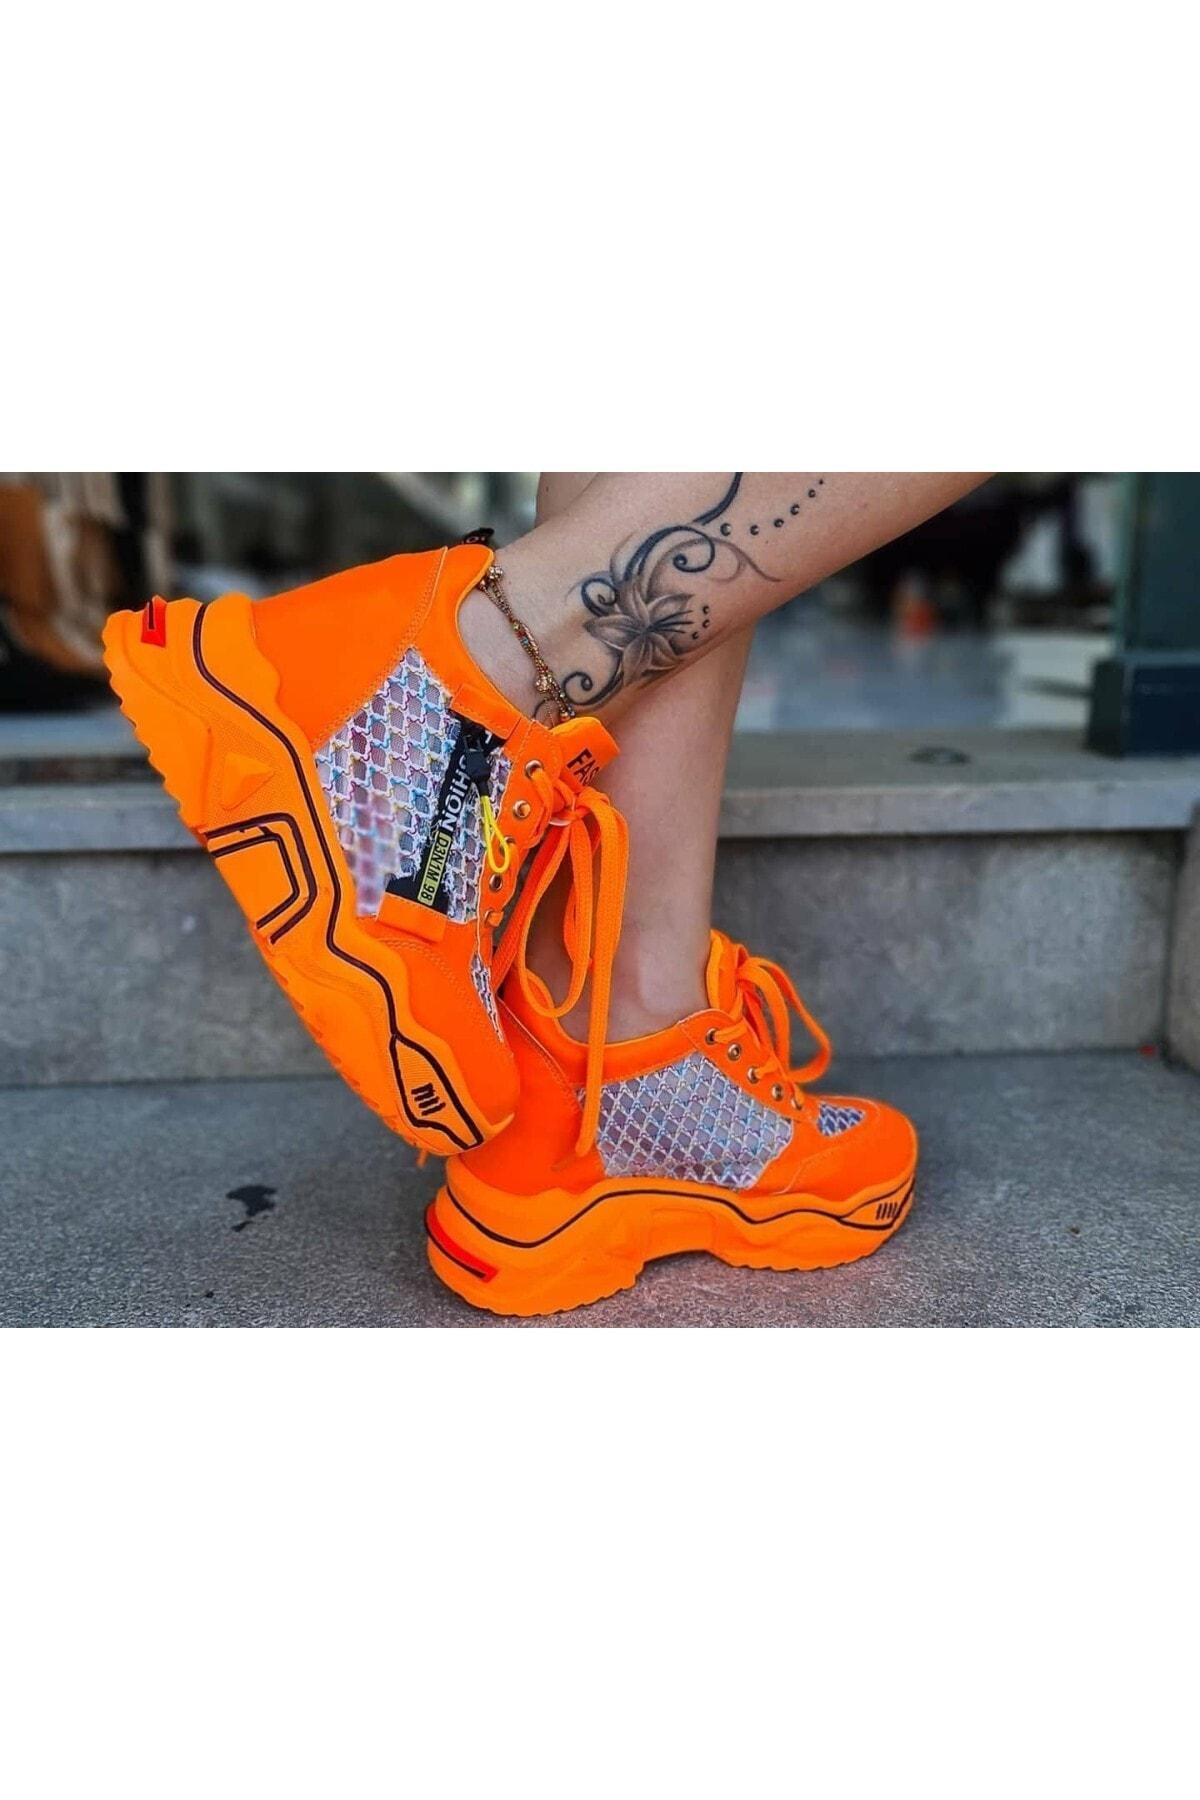 CassidoShoes Anatomik Dolgu Taban Neon Oranj Kadın Spor Ayakkabı 2